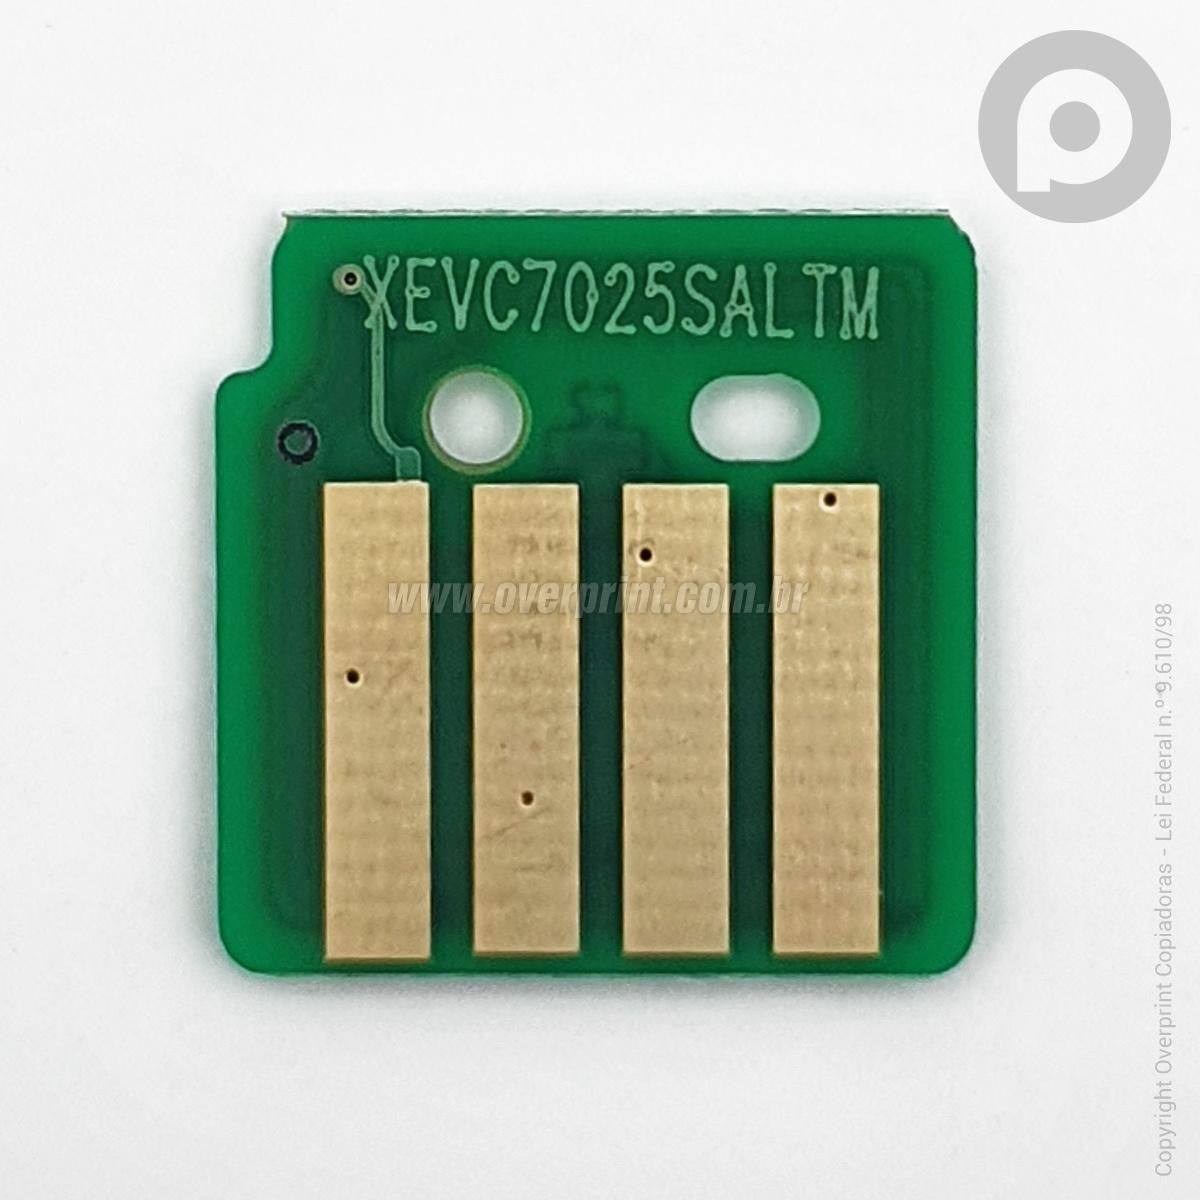 Chip Toner Xerox Versalink C7020 / C7025 / C7030  - Overprint